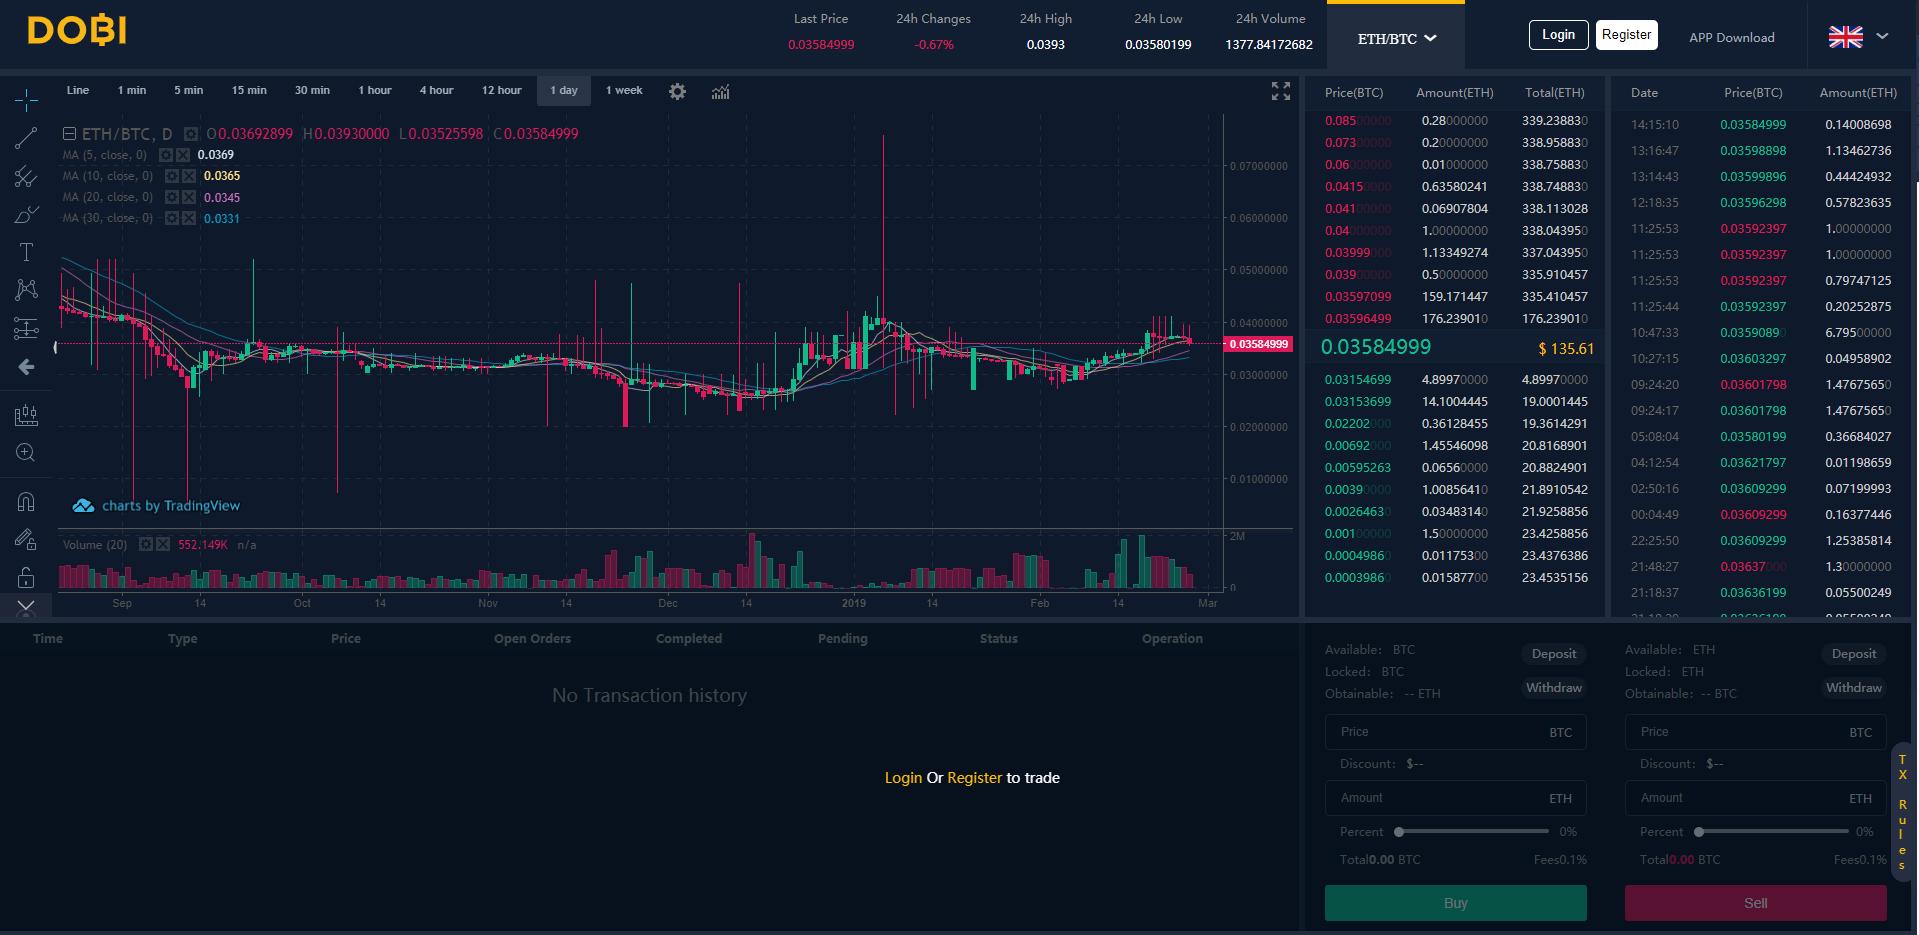 DOBI-Trade-Trading-Chart